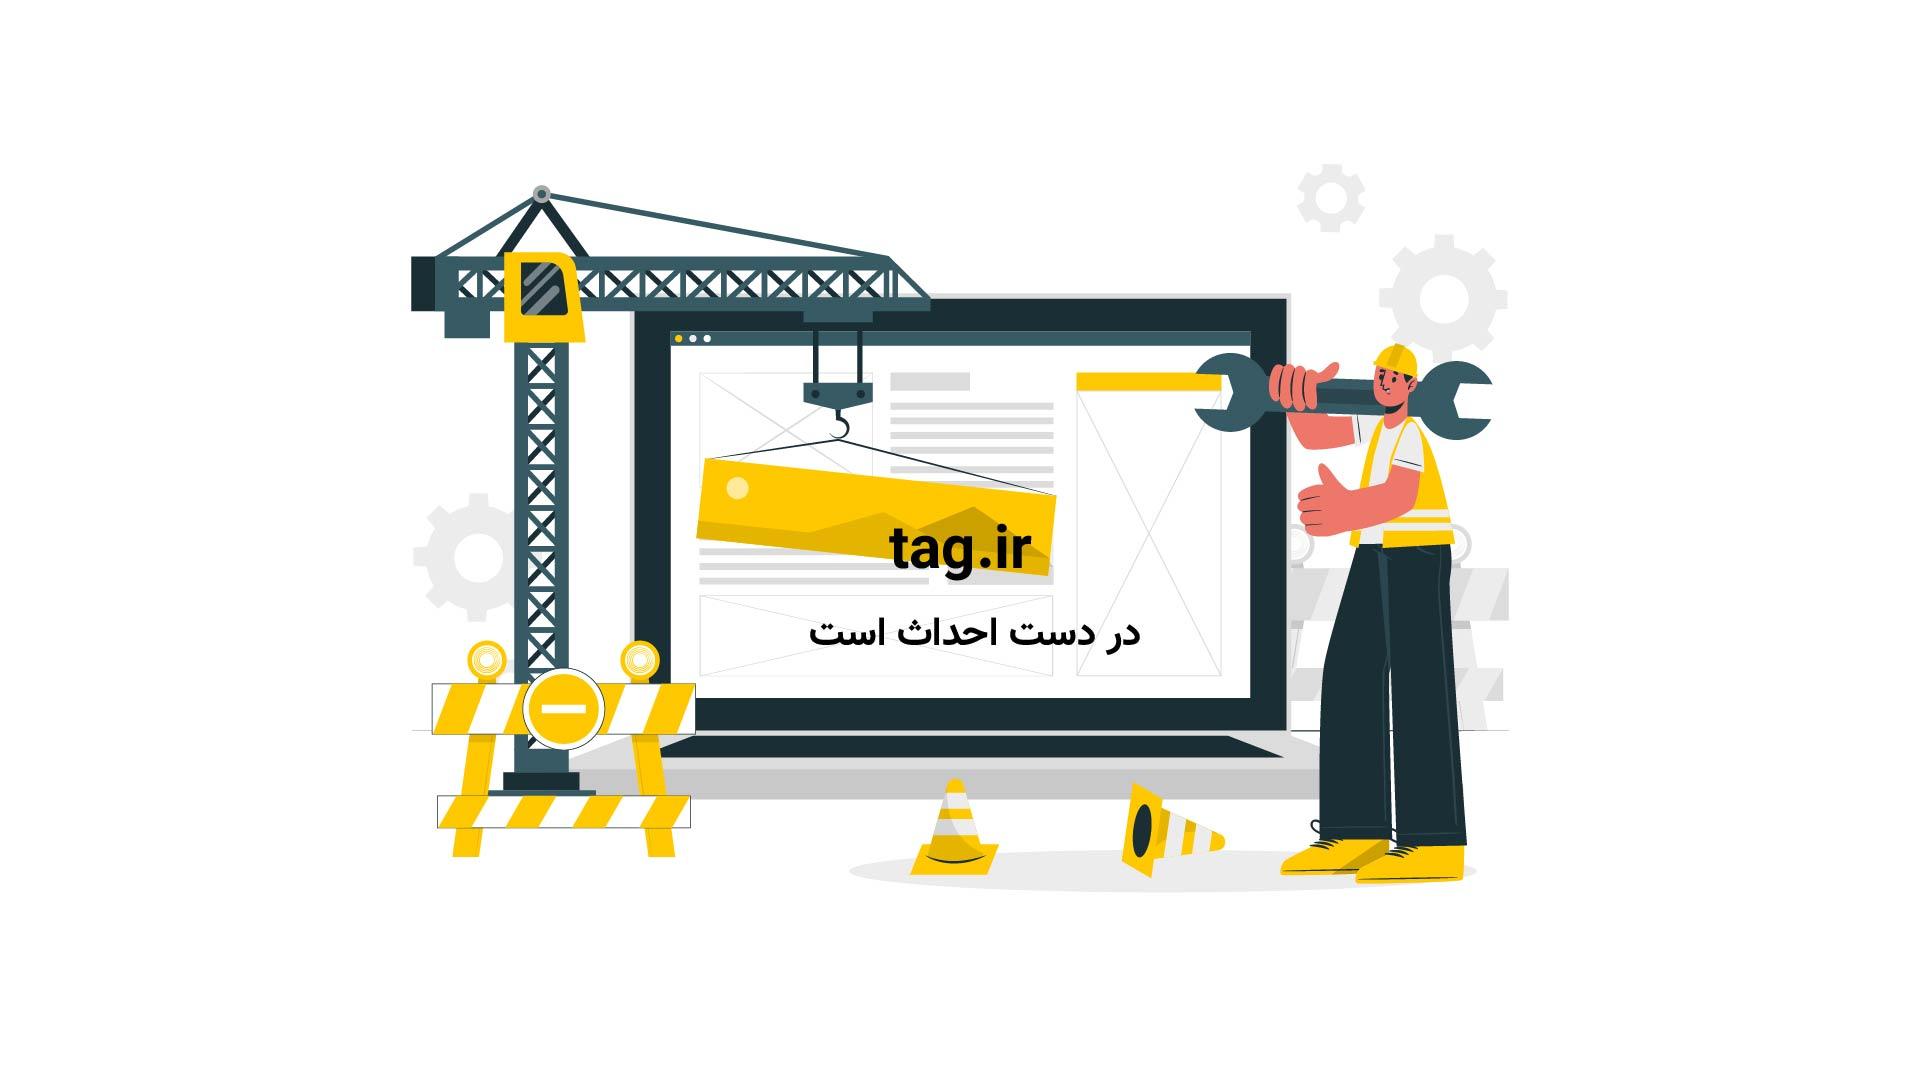 رادیو اربعین آغاز به کار کرد | فیلم